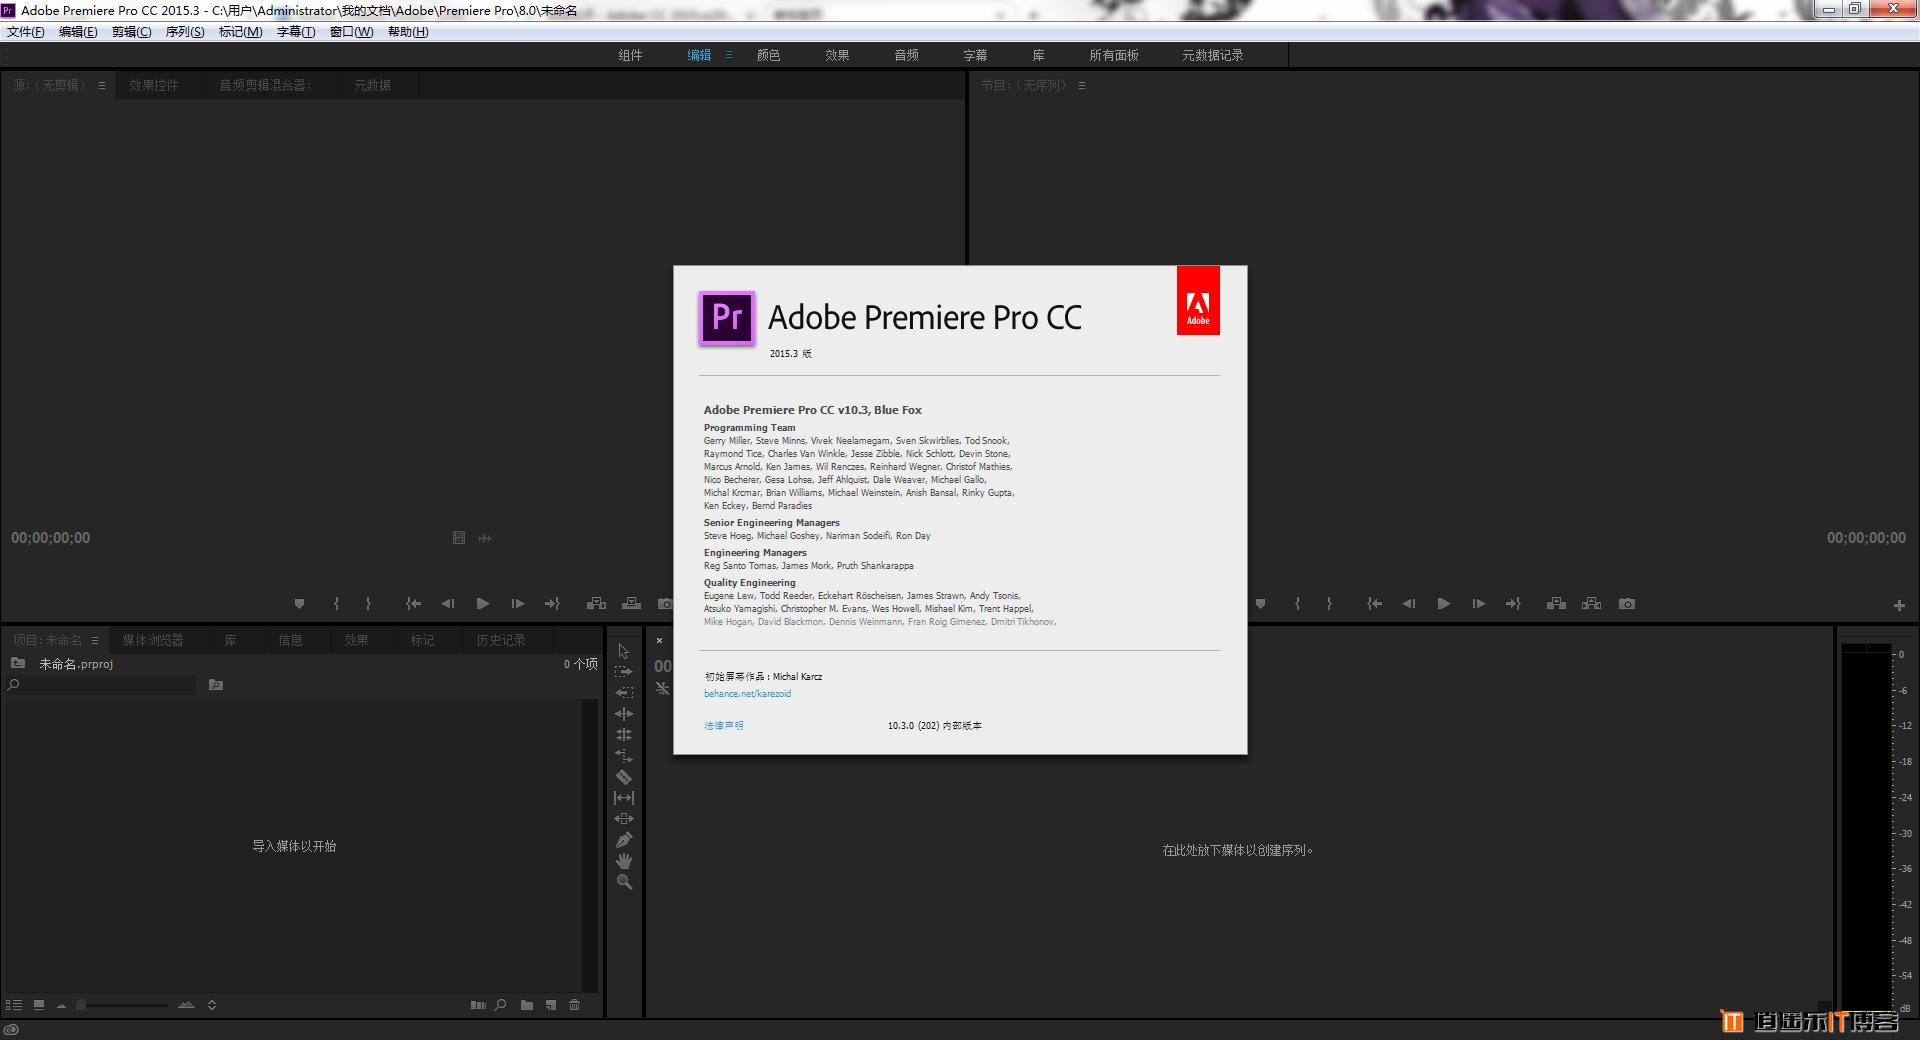 嬴政天下Adobe CC 2015.x最终版简体中文软件集合特别版免费下载